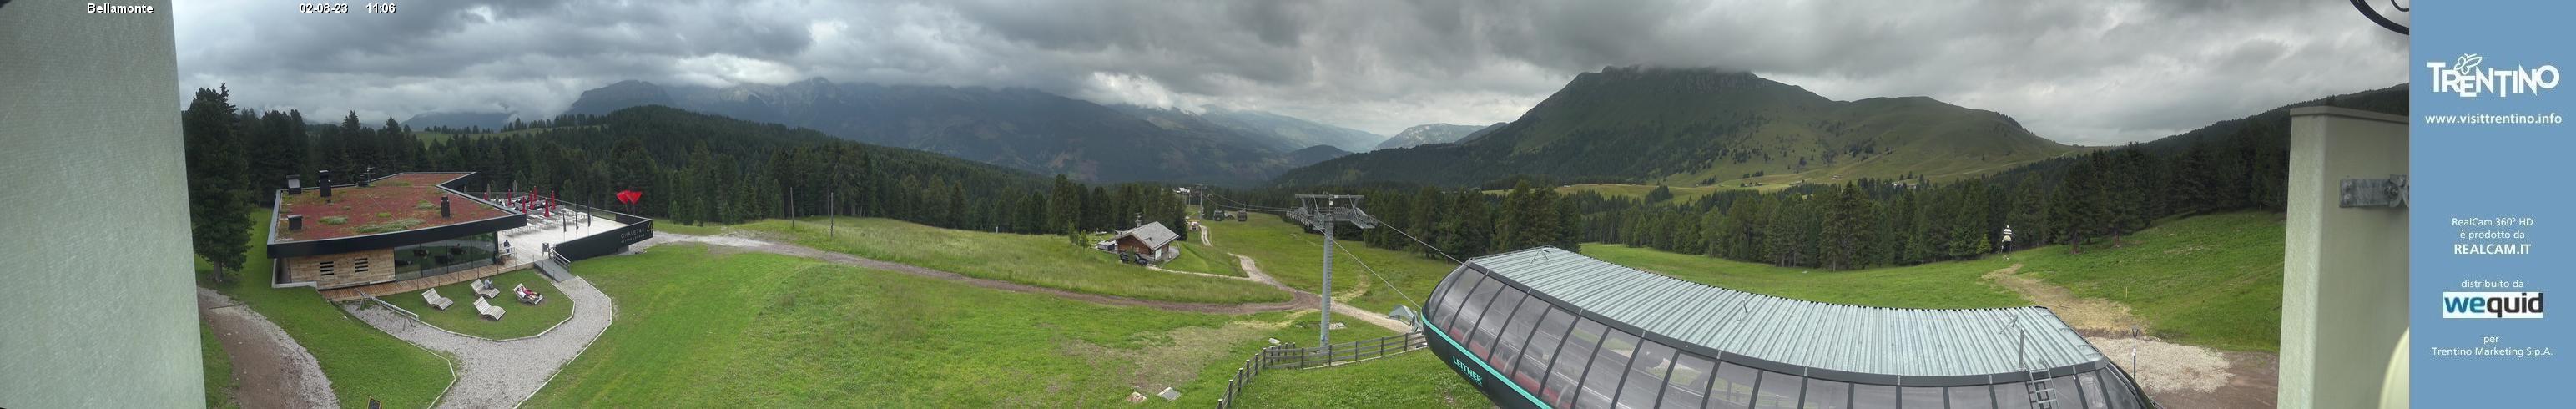 Panoramica La Morea - Bellamonte